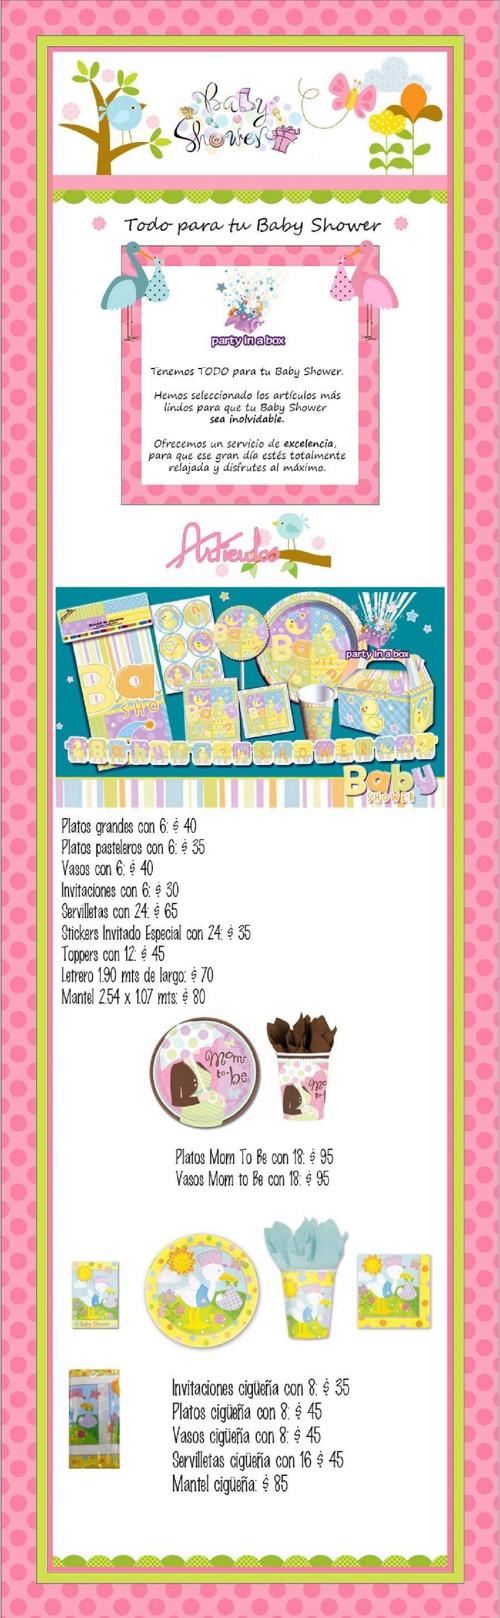 Catálogo Baby Shower